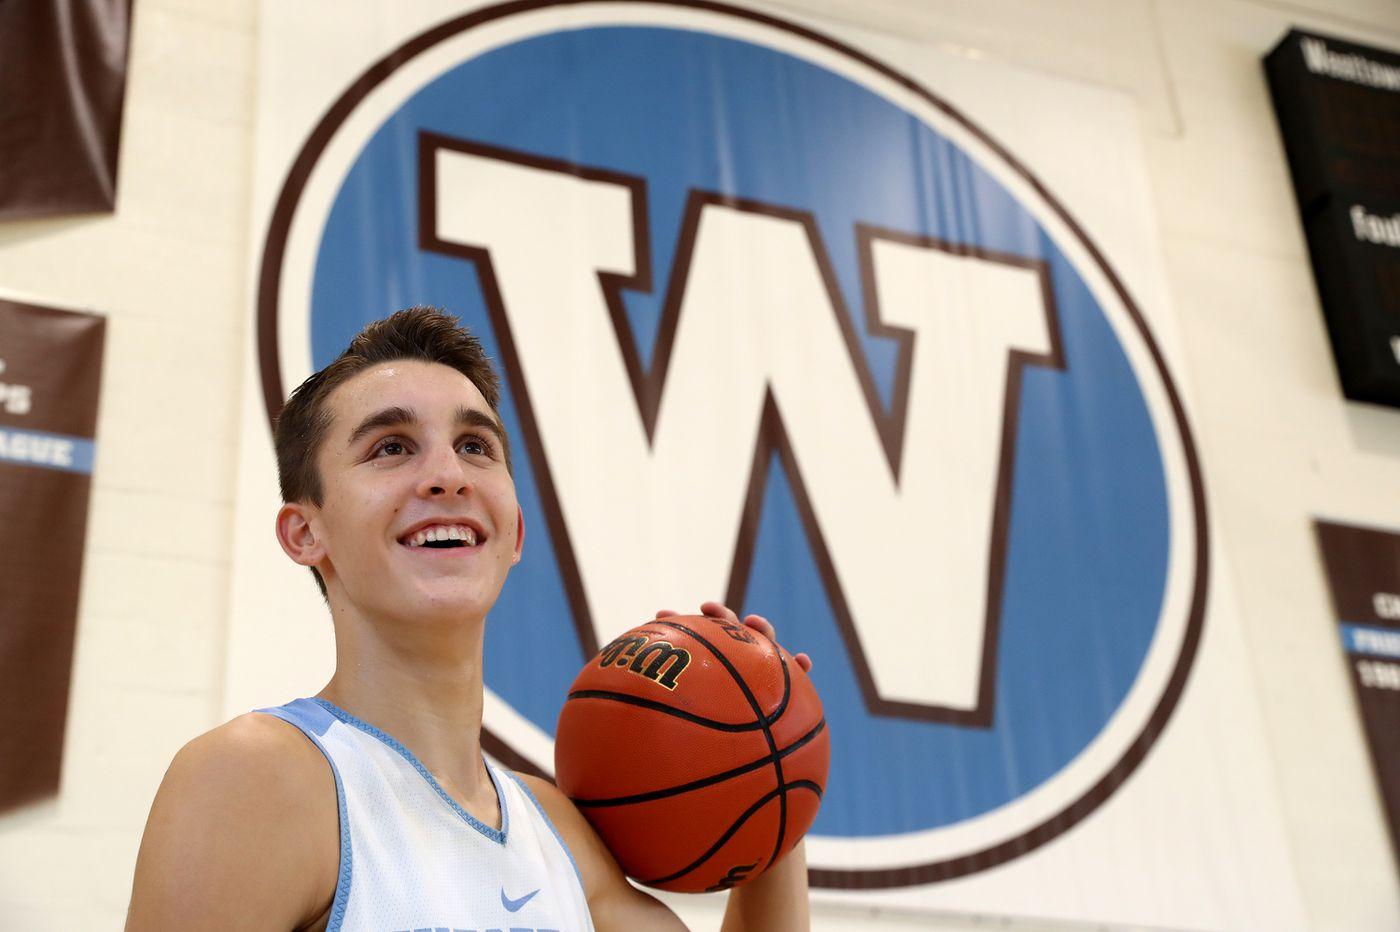 Basketball: Westtown guard John Camden piling up scholarship offers